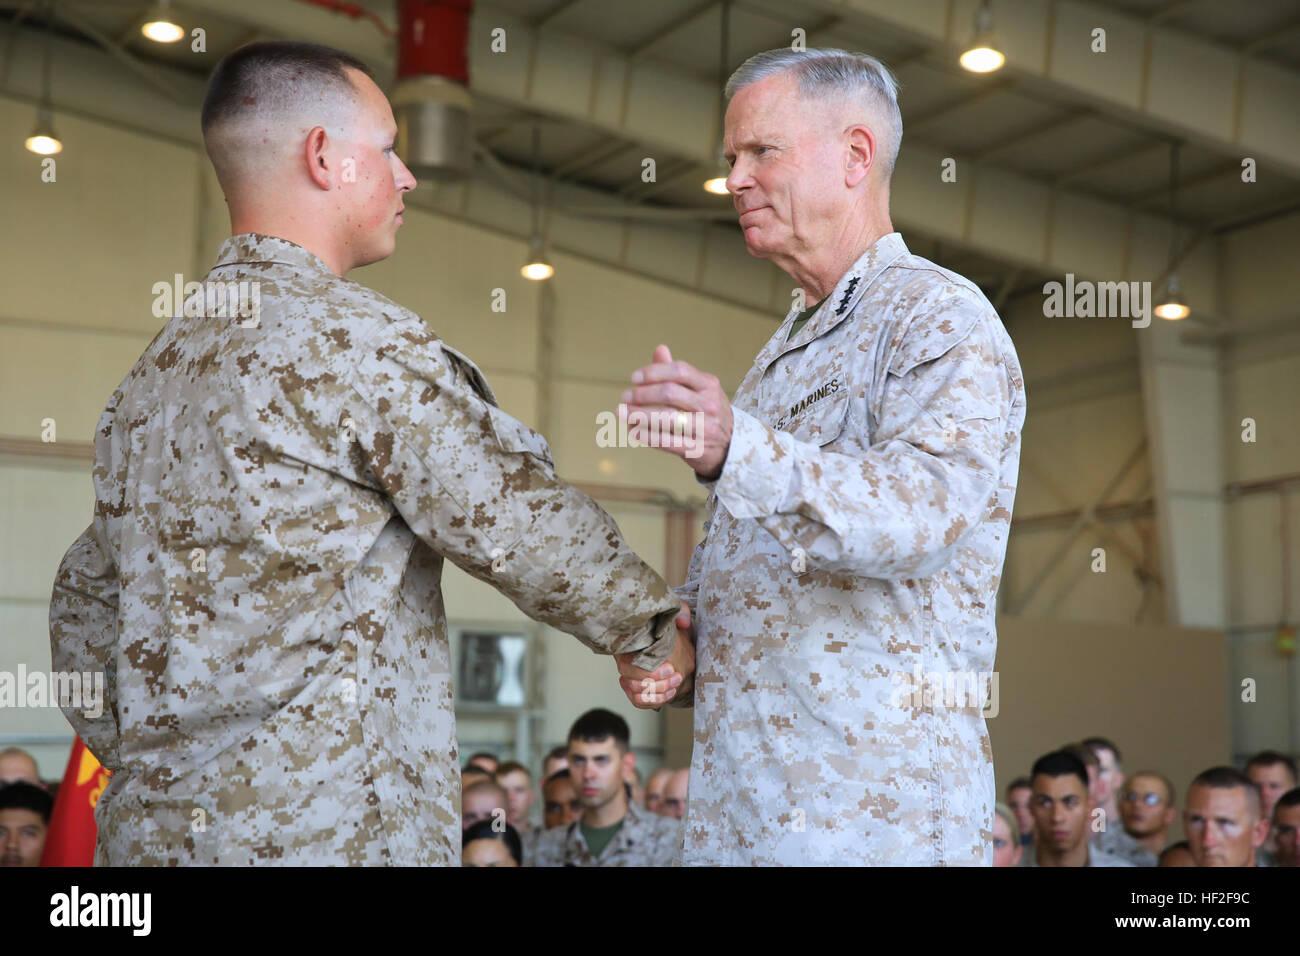 Cuerpo de Marines de EE.UU General James F. Amos, Comandante del Cuerpo de Infantería de Marina, felicita a Cpl. Mateo Padilla, un mecánico de fuselajes asignada al grupo de logística de la Aviación Marina 17 (MALS-17), el Grupo de aviones marinos - Afganistán (MAG-A), después de la promoción él meritoriamente durante una visita a las fuerzas desplegadas a bordo de Camp Bastion, provincia de Helmand, Afganistán, Septiembre 6, 2014. La visita marca la hora final Amos y Sgt. Micheal gral P. Barrett, sargento mayor de la Infantería de Marina, se reunirá con los Marines y marineros desplegados en Helmand en apoyo de la Operación Libertad Duradera. (Oficial de Marina de los EE.UU. Cor Foto de stock